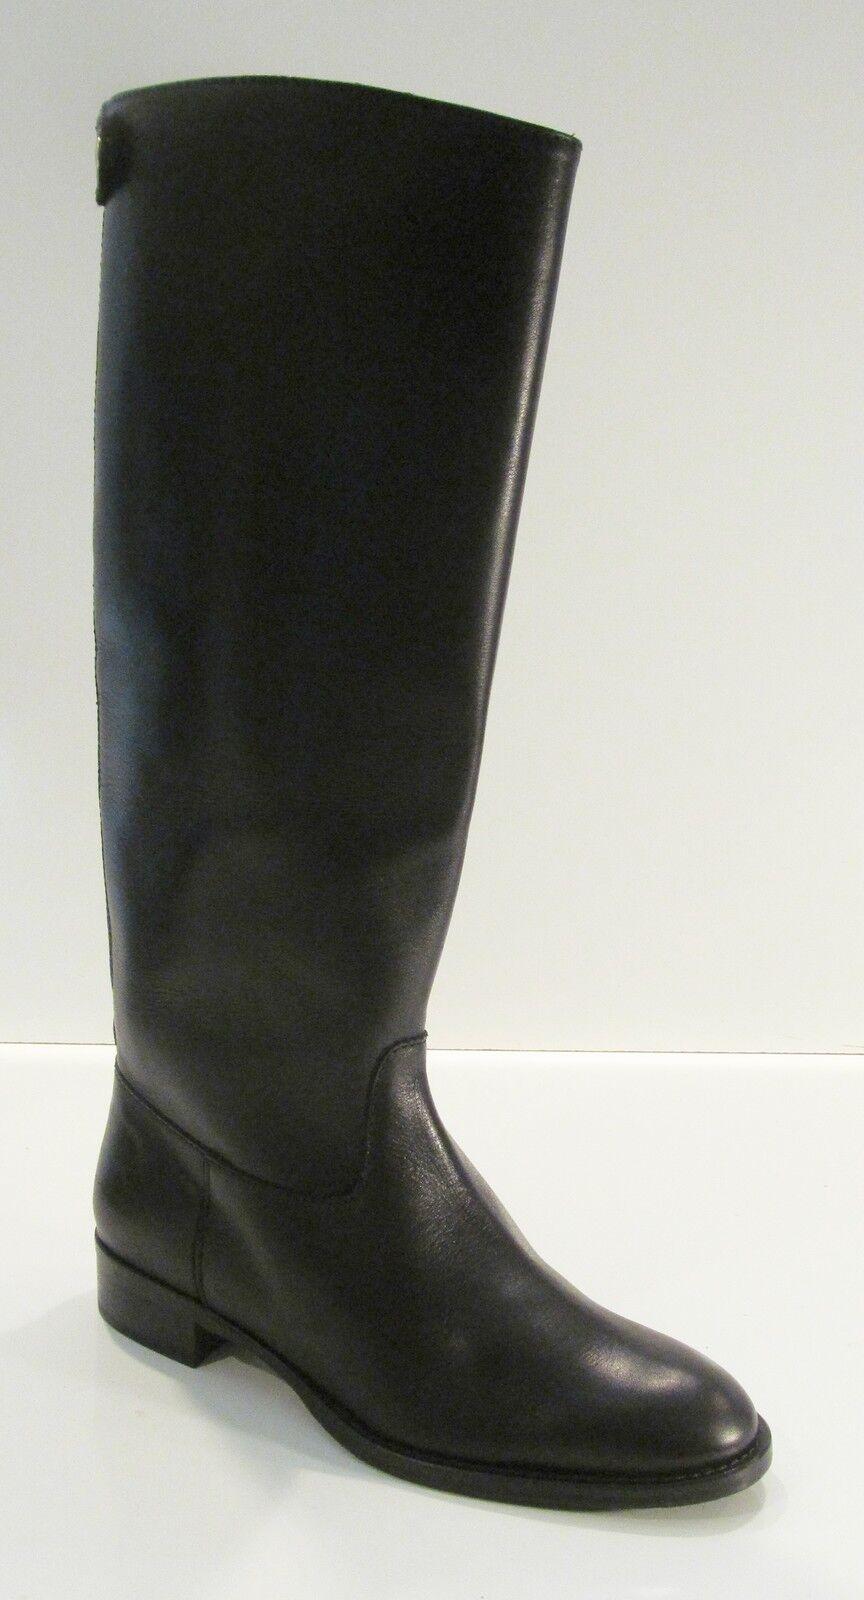 J Crew Field Boots 9.5 Black